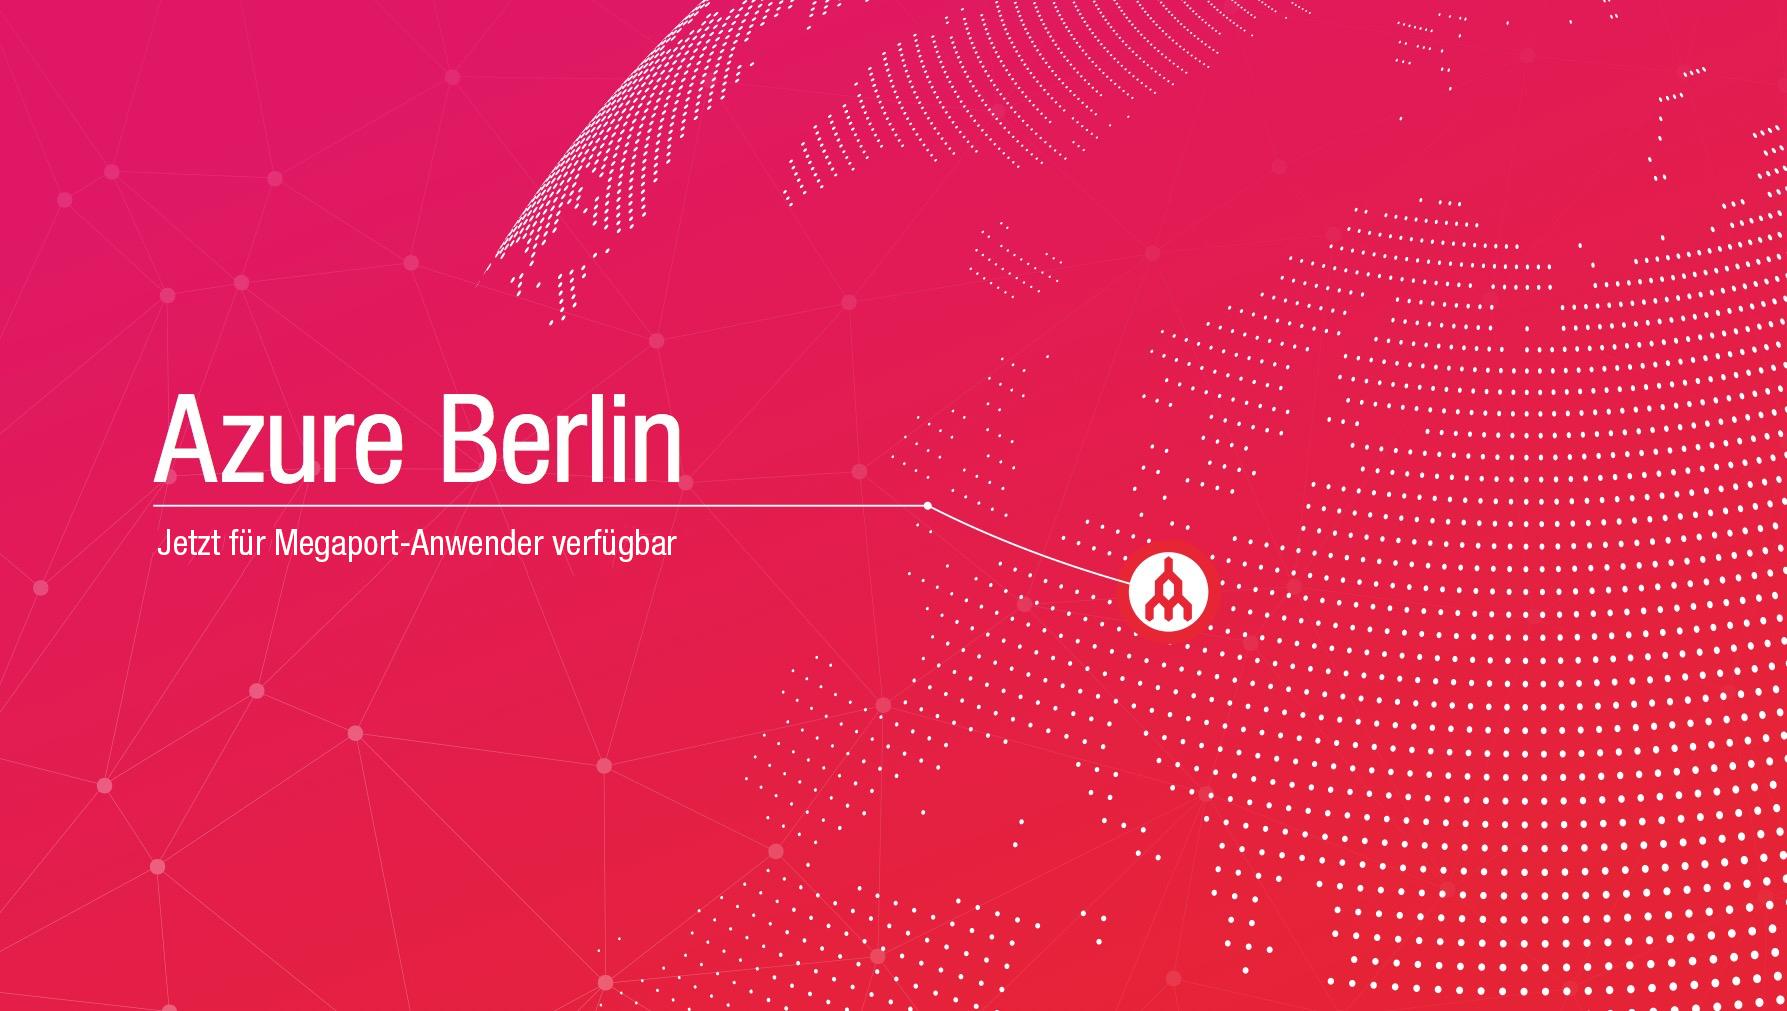 Azure Berlin